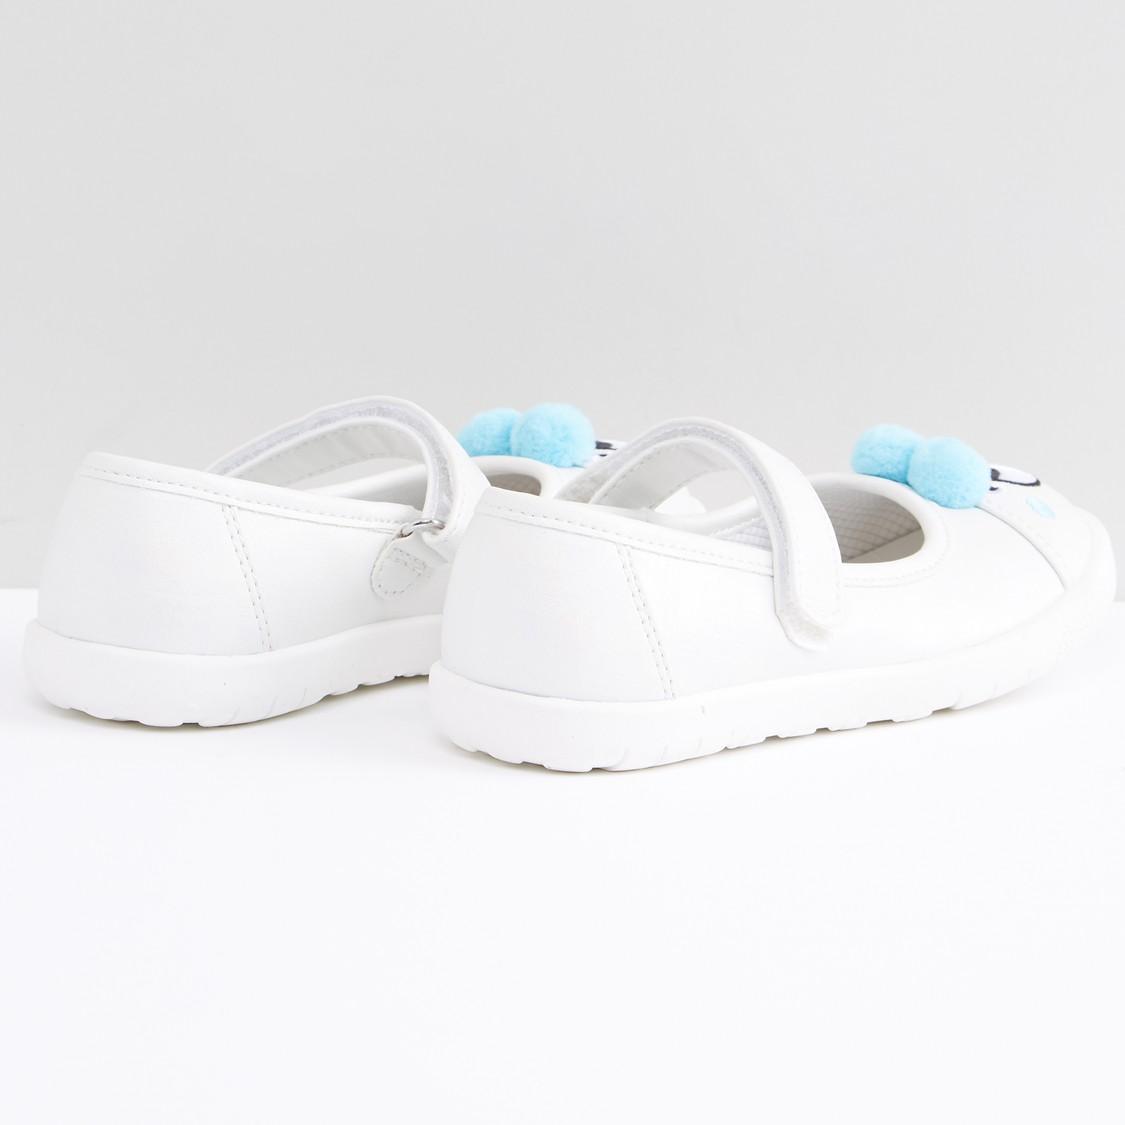 حذاء مطرز بشريط إغلاق وكرات البوم بوم